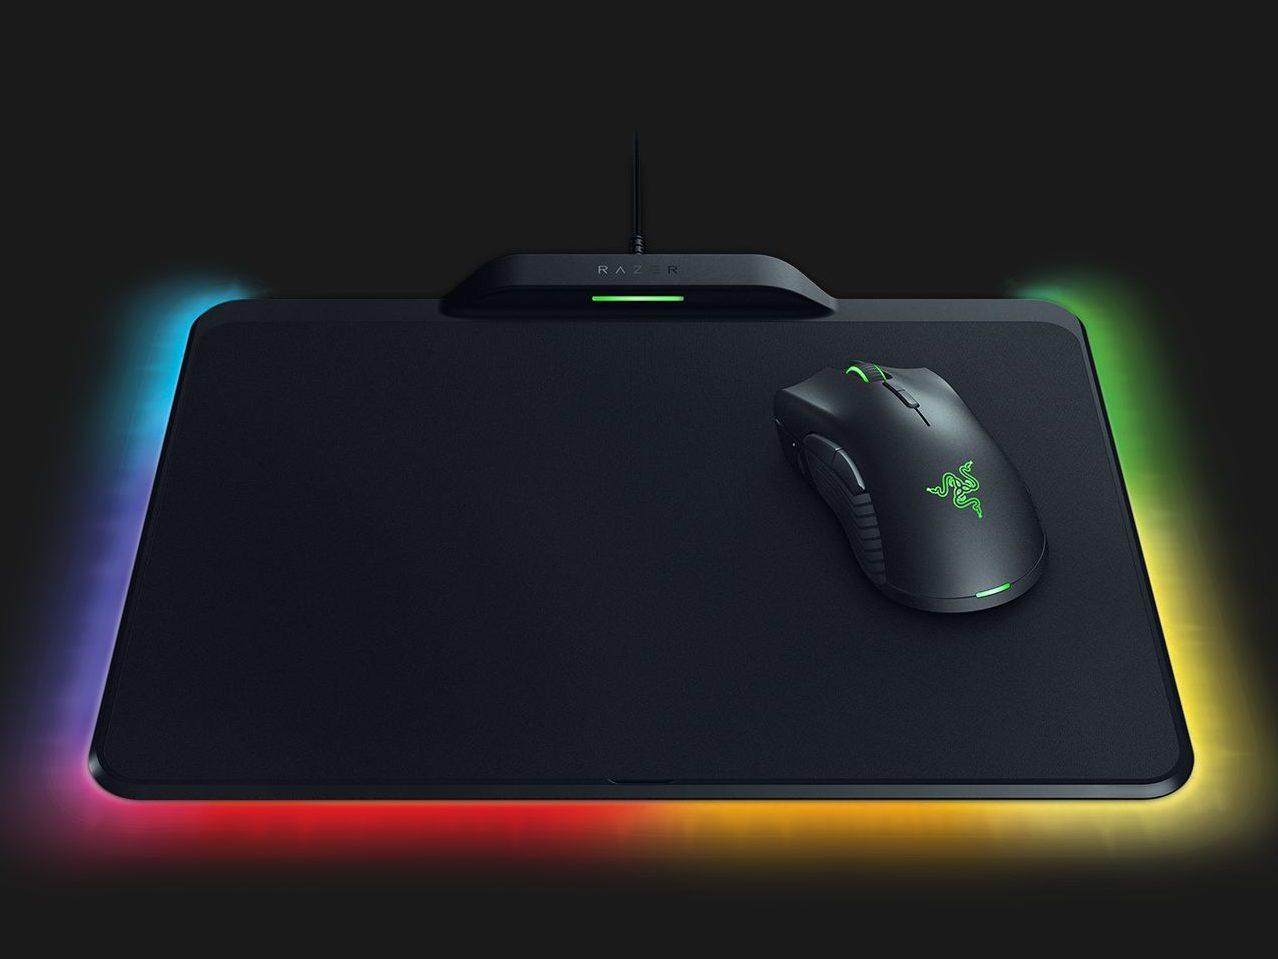 Razer、バッテリ不要の無線ゲーミングマウス「Mamba + Firefly HyperFlux」を発売!